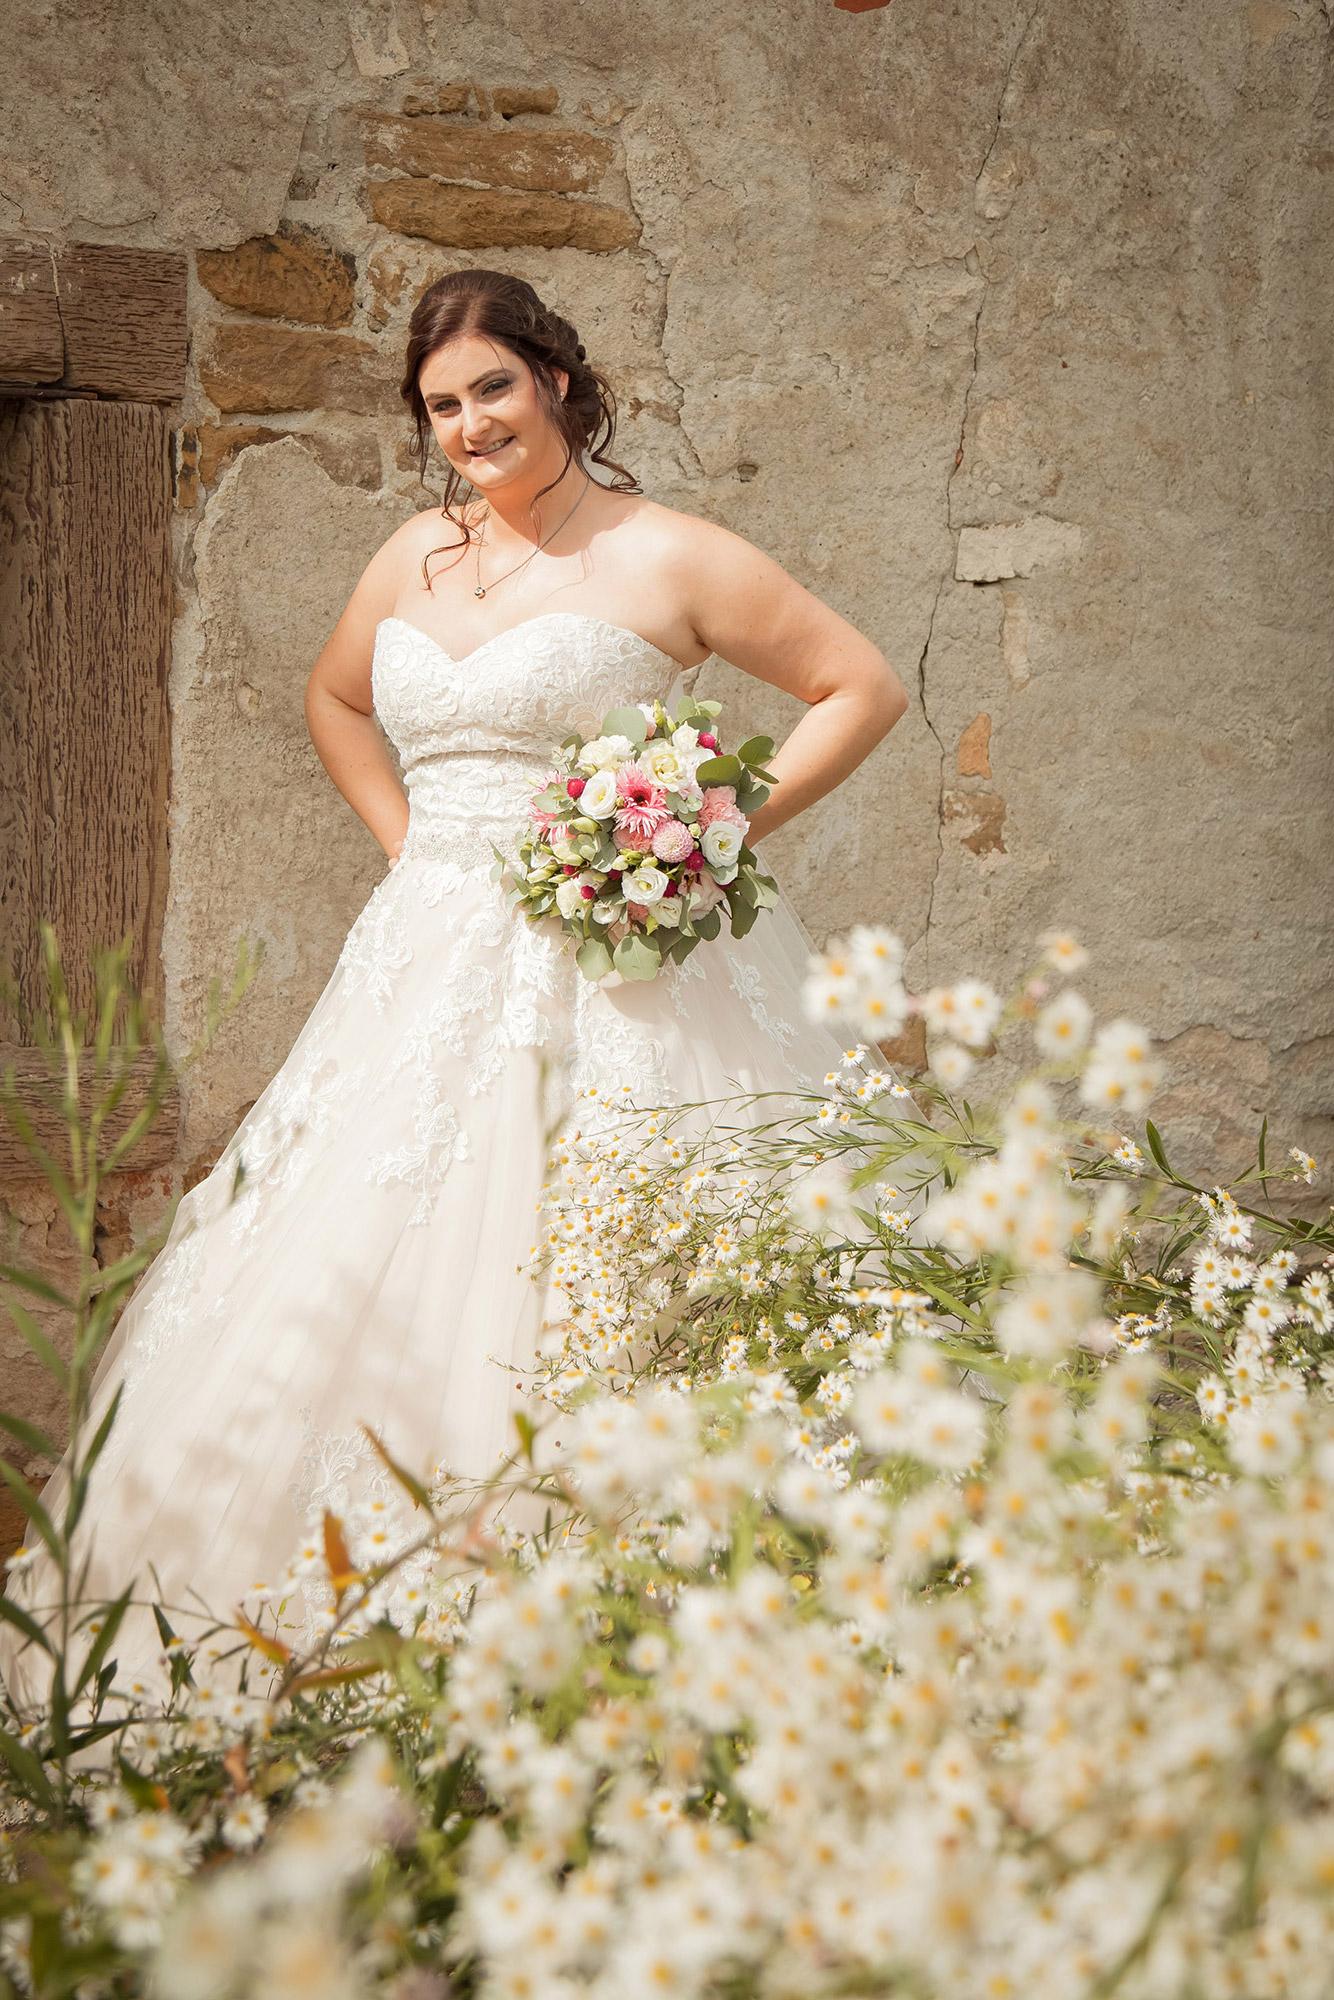 Hochzeitsfotografie, Hochzeitsshooting, Hochzeitsfotos